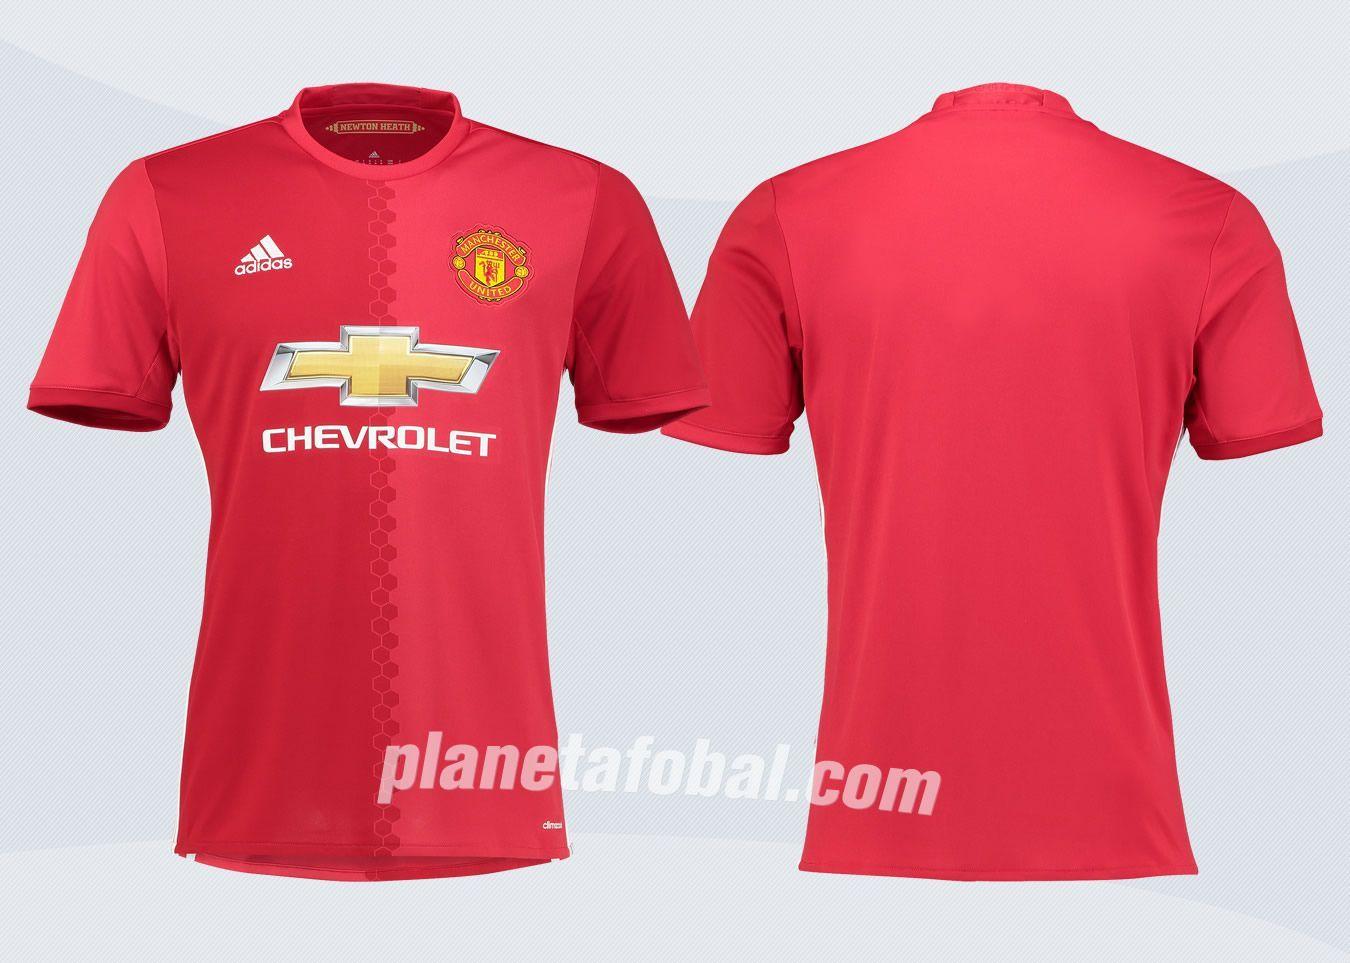 Nueva camiseta del Manchester United | Imágenes Tienda Oficial